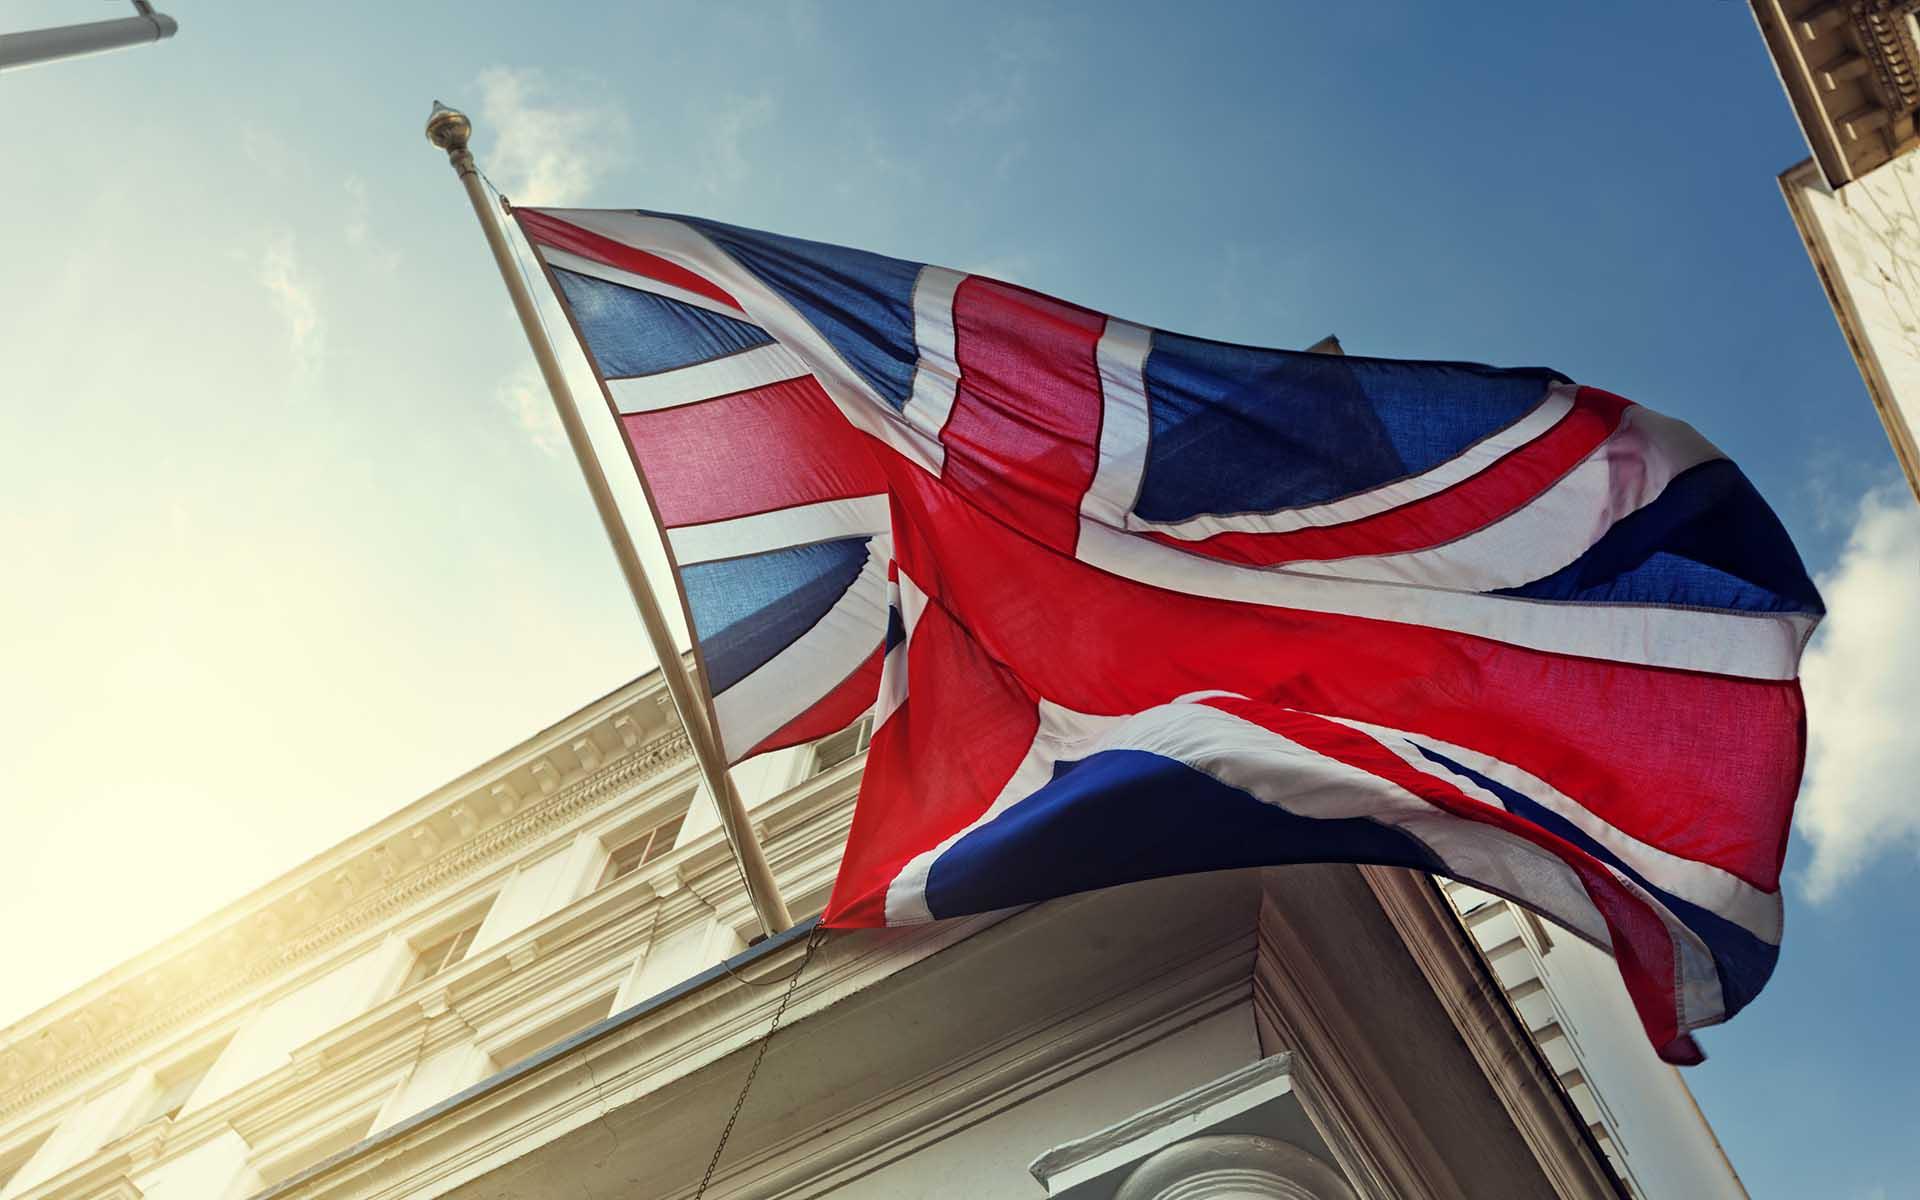 Regulador en Reino Unido quiere más información sobre los riesgos por lavado de dinero de parte de firmas criptográficas